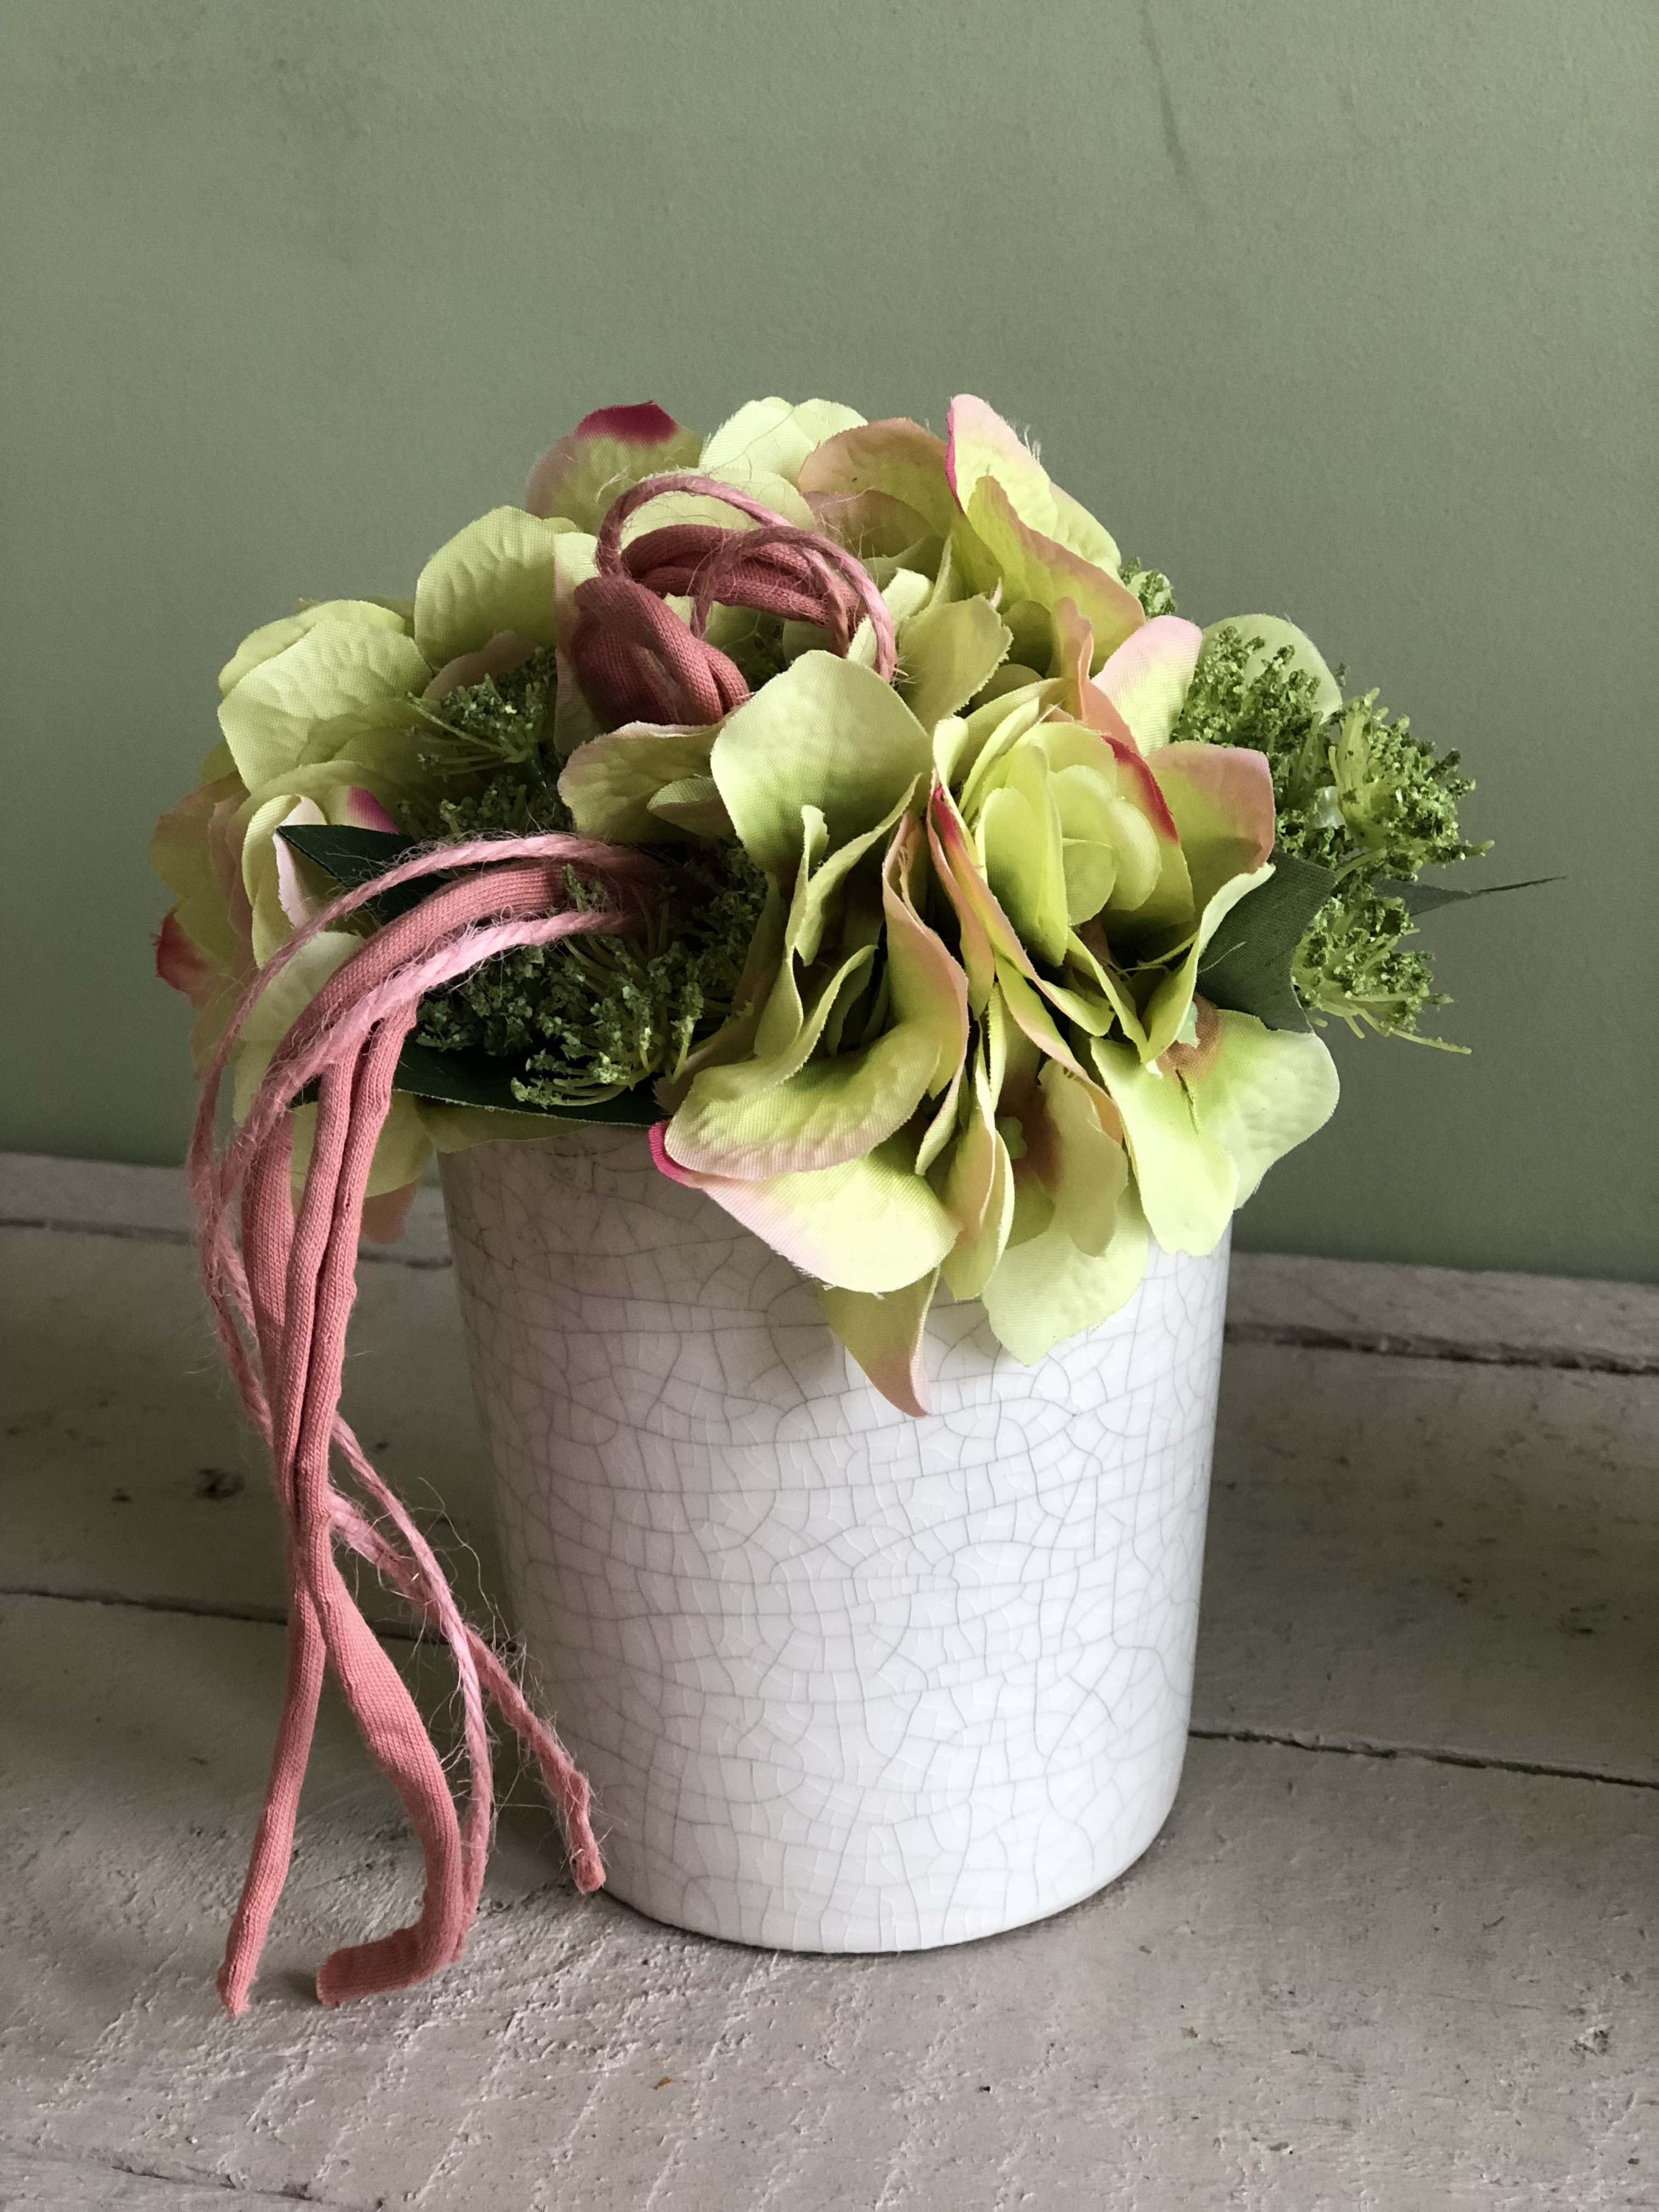 18bb755a37 Kisméretű selyemvirág asztaldísz Rózsákkal, Hortenziával. Szállodai ...